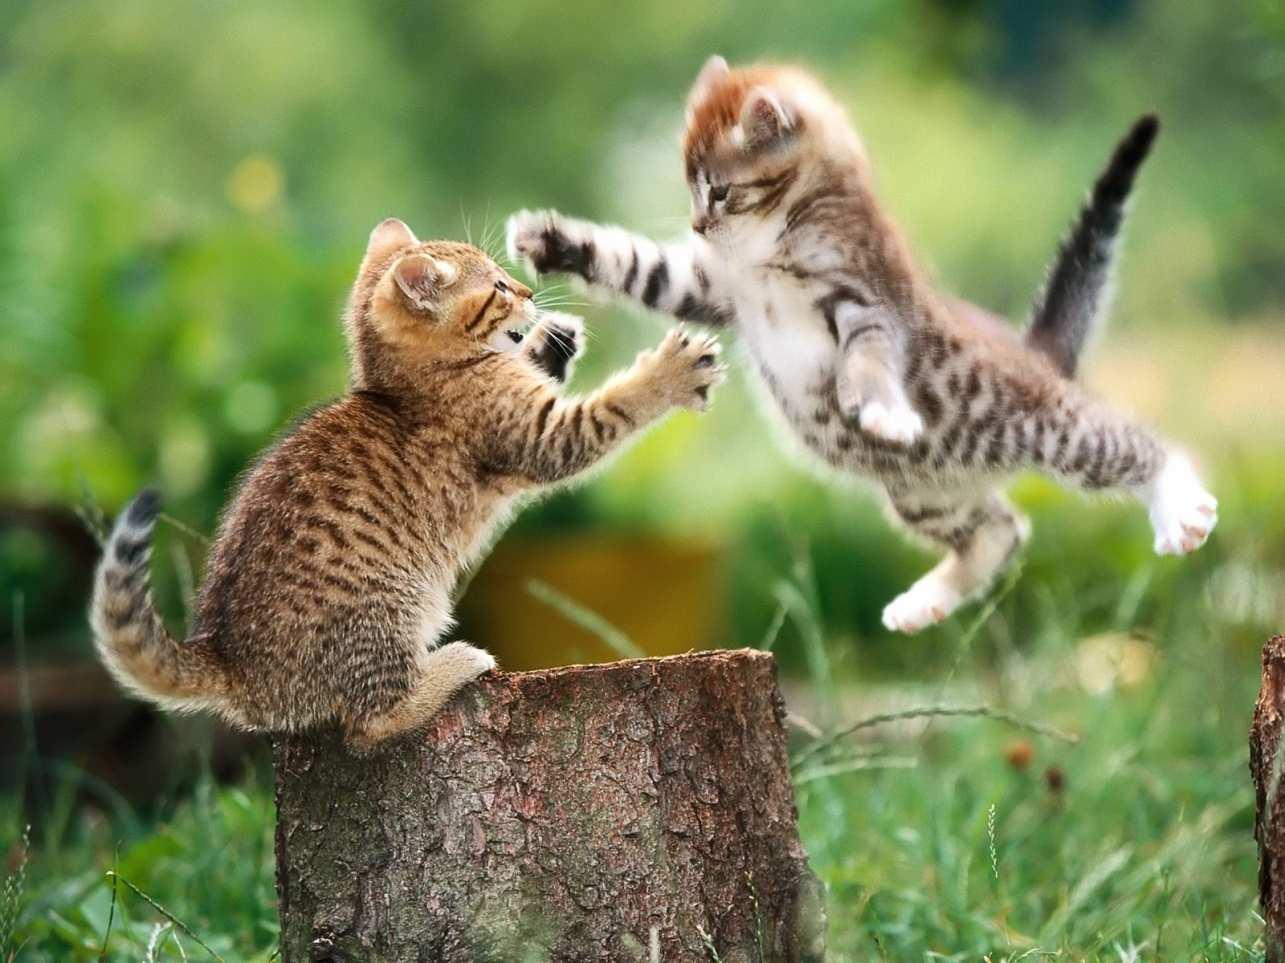 Возраст кошек на человеческом. Правильные методы, как посчитать возраст кошки на человеческий